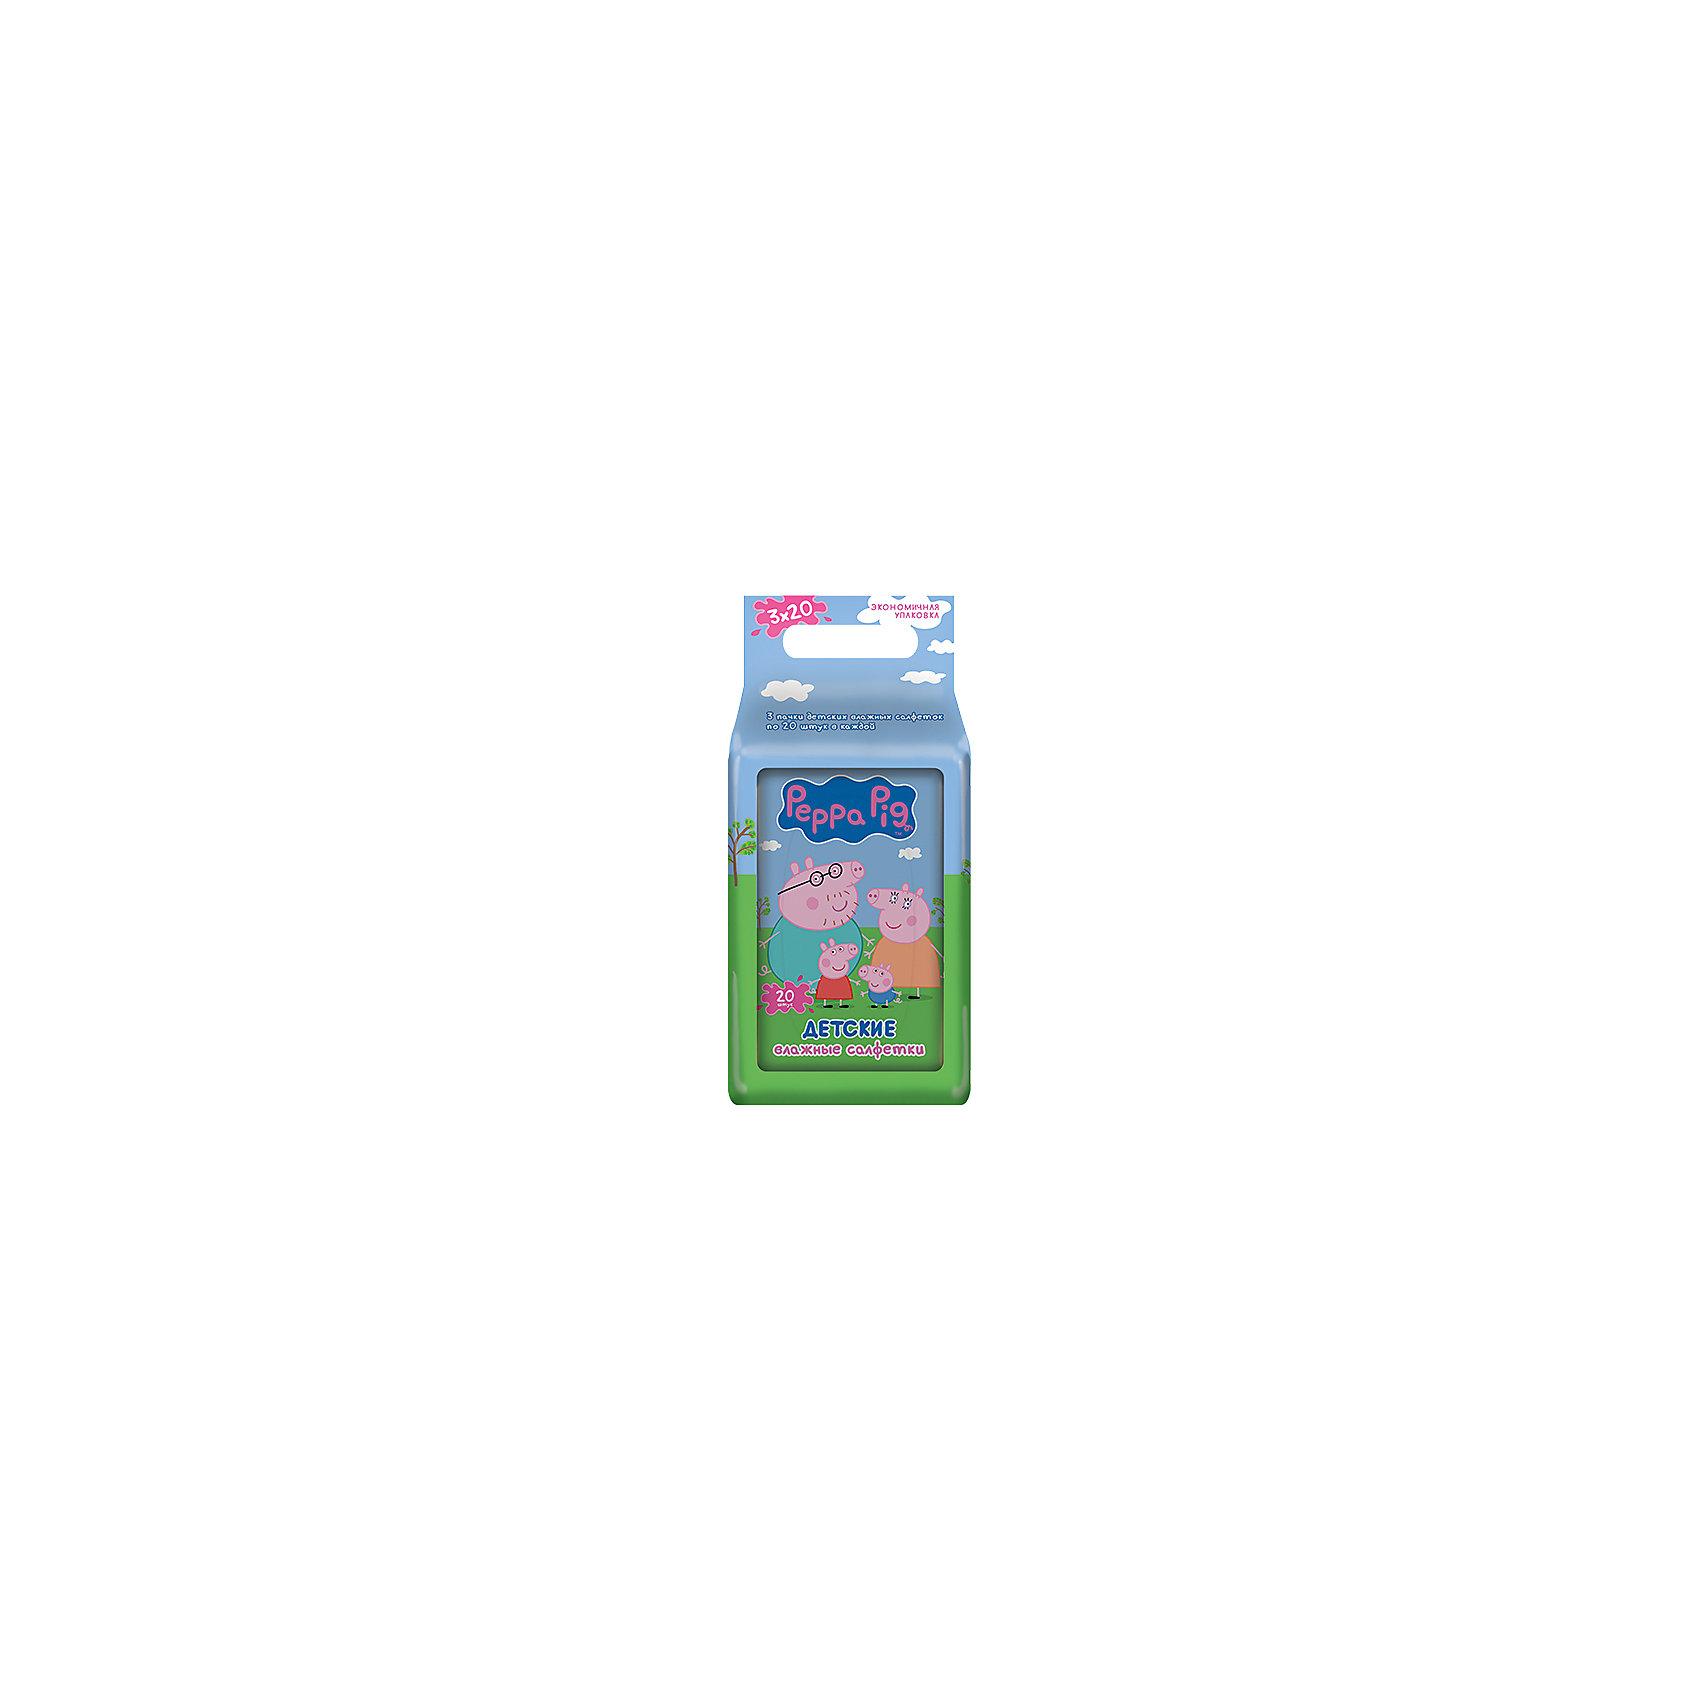 Детские влажные салфетки Peppa pig №20*3 Триопак, АвангардВлажные салфетки<br>Характеристики:<br><br>• Коллекция: Свинка Пеппа<br>• Материал: нетканый материал, лосьон<br>• Количество в упаковке: 60 штук<br>• Не содержат спирта<br>• Яркая герметичная упаковка с клапаном<br>• В состав пропитки входит отдушка Bubble Gum<br>• Вес: 300 г<br>• Размеры (Д*Ш*В): 8*15*6 см<br><br>Материал является гипоаллергенным, не раздражает нежную детскую кожу, длительное время удерживает влагу, благодаря чему салфетки сохраняют свои свойства. При использовании не изменяют pH уровень кожи. Салфетки имеют компактную упаковку с клапаном, который обеспечивает герметичность и защищает от пересыхания. Уникальный состав пропитки, в состав которой входит отдушка Bubble Gum, позволяет легко и быстро очистить и освежить кожу. <br><br>Детские влажные салфетки Peppa pig №20*3 Триопак, Авангард можно купить в нашем интернет-магазине.<br><br>Ширина мм: 80<br>Глубина мм: 150<br>Высота мм: 60<br>Вес г: 300<br>Возраст от месяцев: 0<br>Возраст до месяцев: 84<br>Пол: Унисекс<br>Возраст: Детский<br>SKU: 5489921